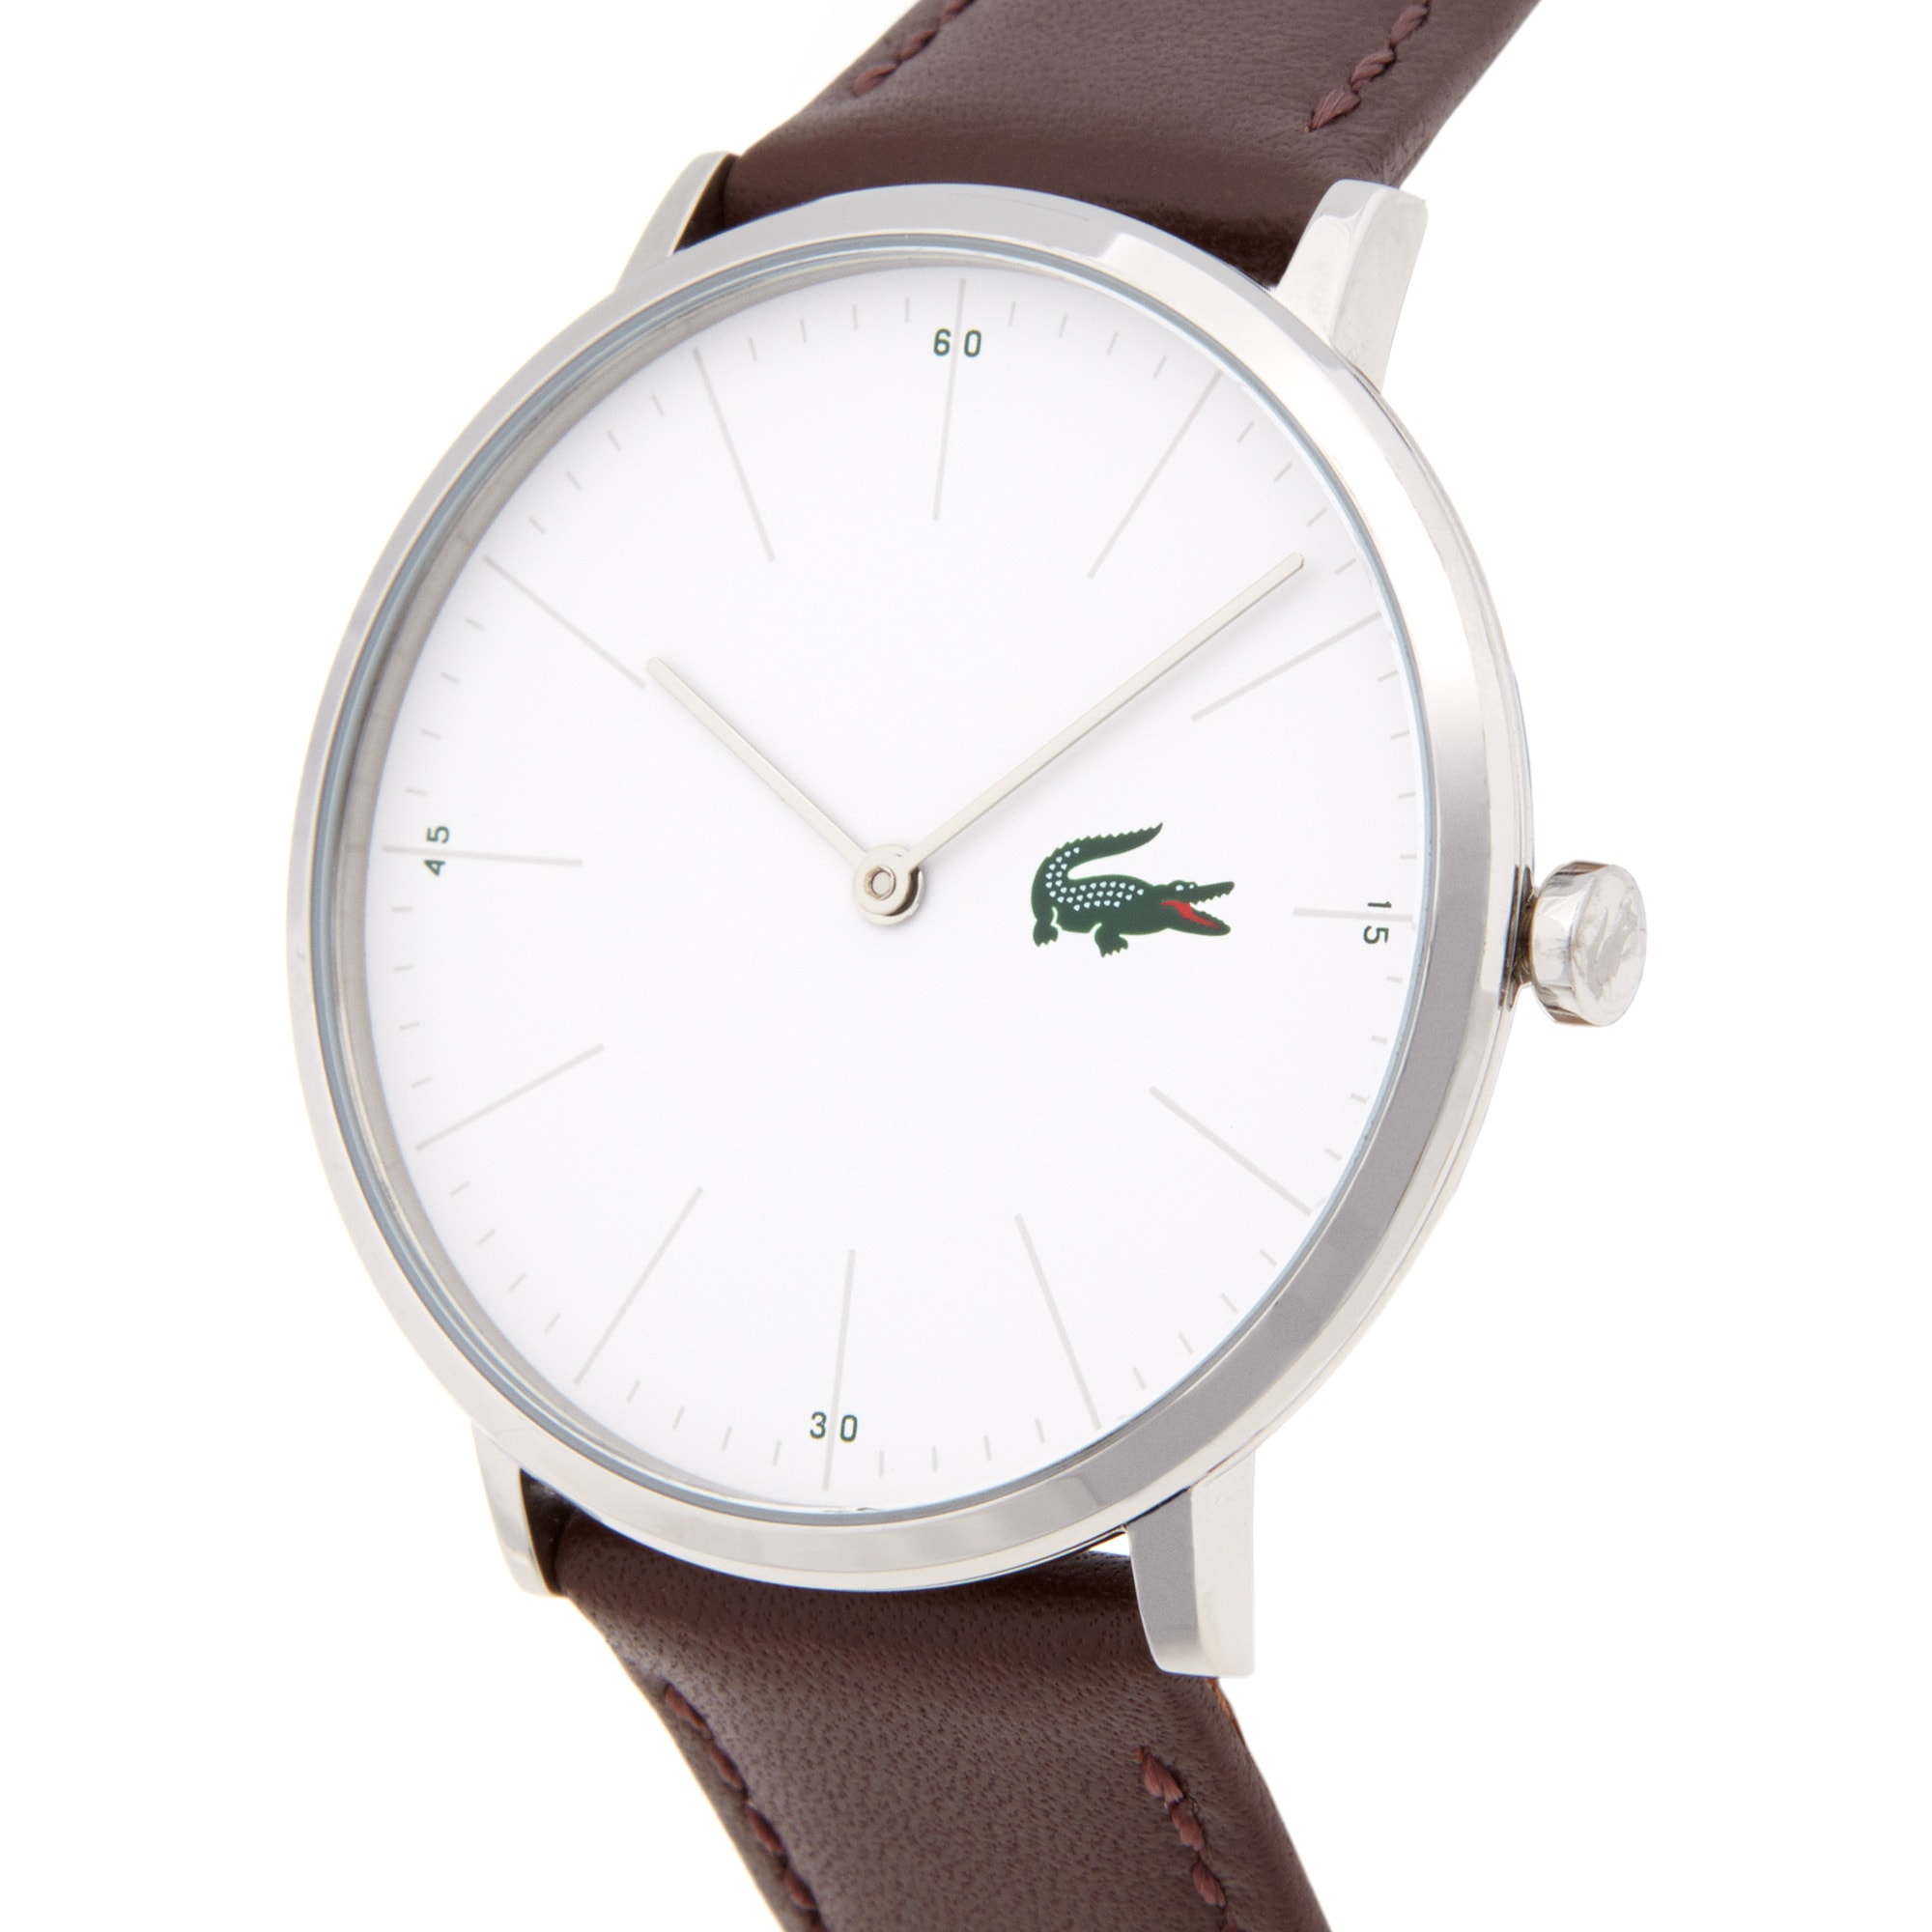 Moon Horloge Extra plat Witte wijzerplaat Bruine leren band